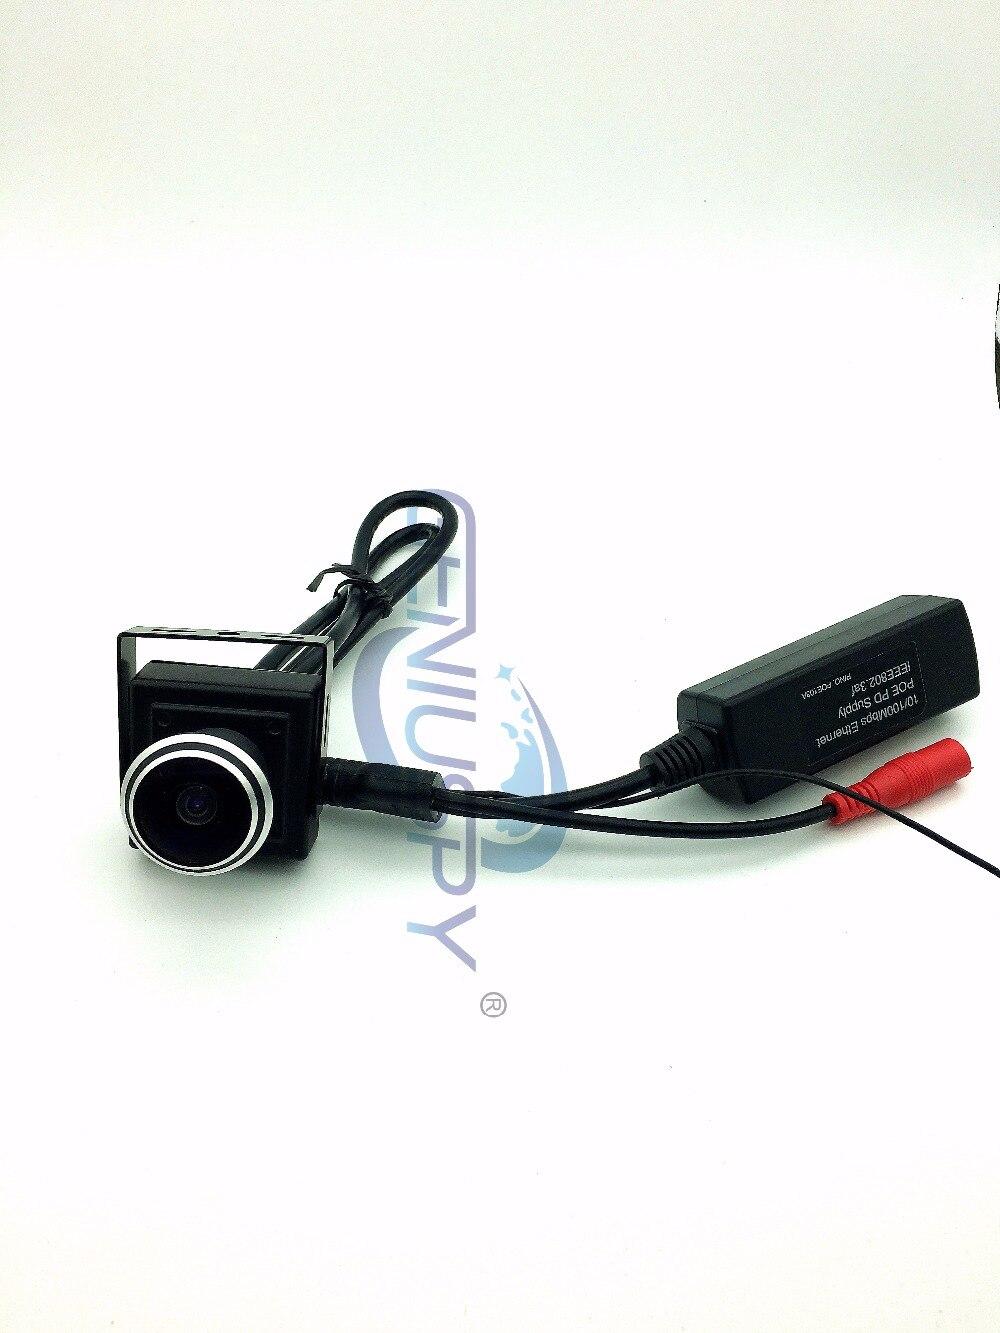 Vendita calda 1.0 Megapixel Hd Onvif Mini P2P Telecamera ip 1280x720 P HD Grandangolare 1.78mm Fisheye Lens POE Telecamera ip Per La Casa In MiniaturaVendita calda 1.0 Megapixel Hd Onvif Mini P2P Telecamera ip 1280x720 P HD Grandangolare 1.78mm Fisheye Lens POE Telecamera ip Per La Casa In Miniatura